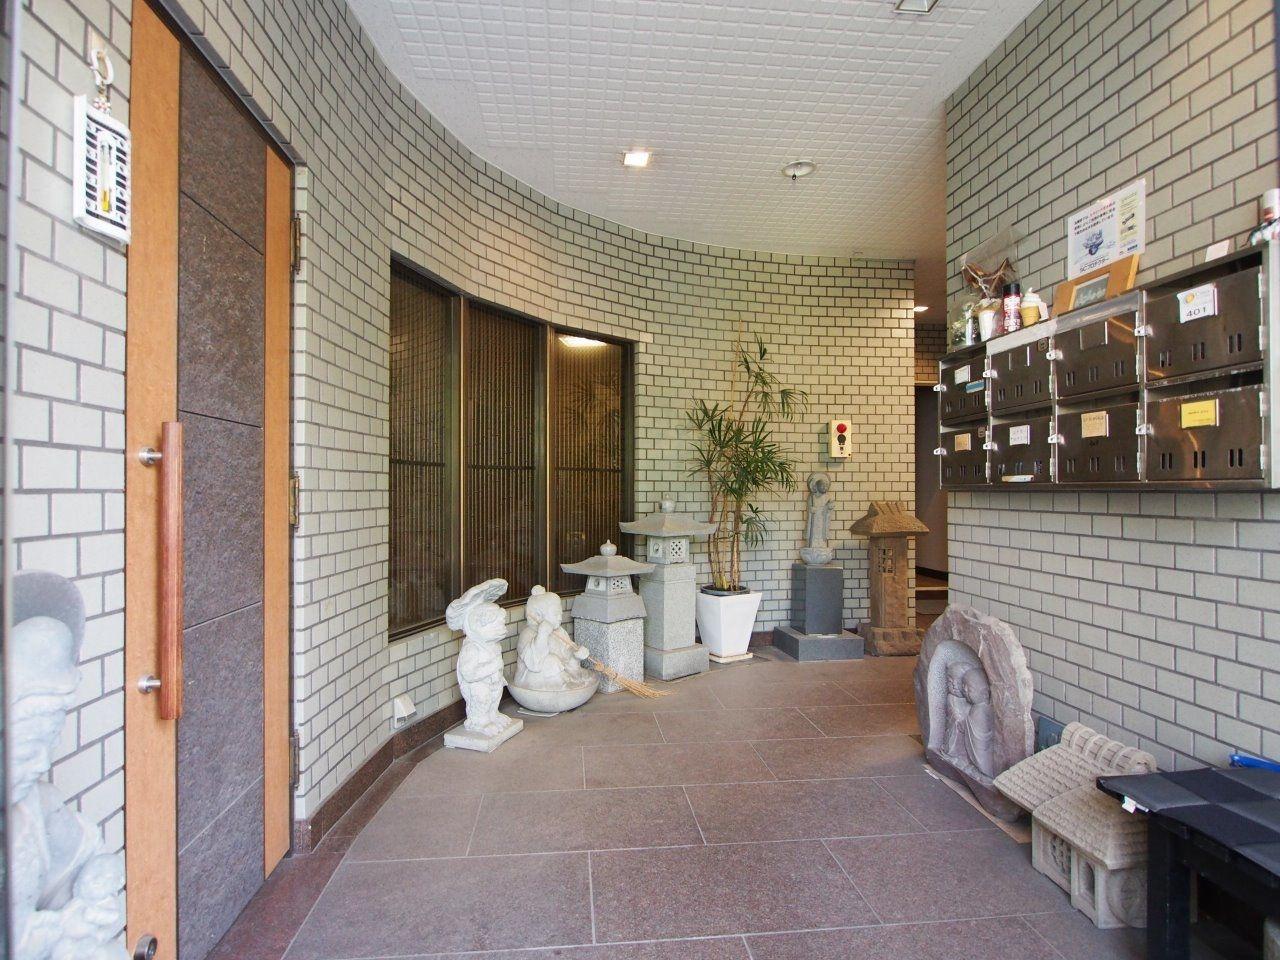 石材店のオーナー様らしく、可愛らしい石像がお出迎え